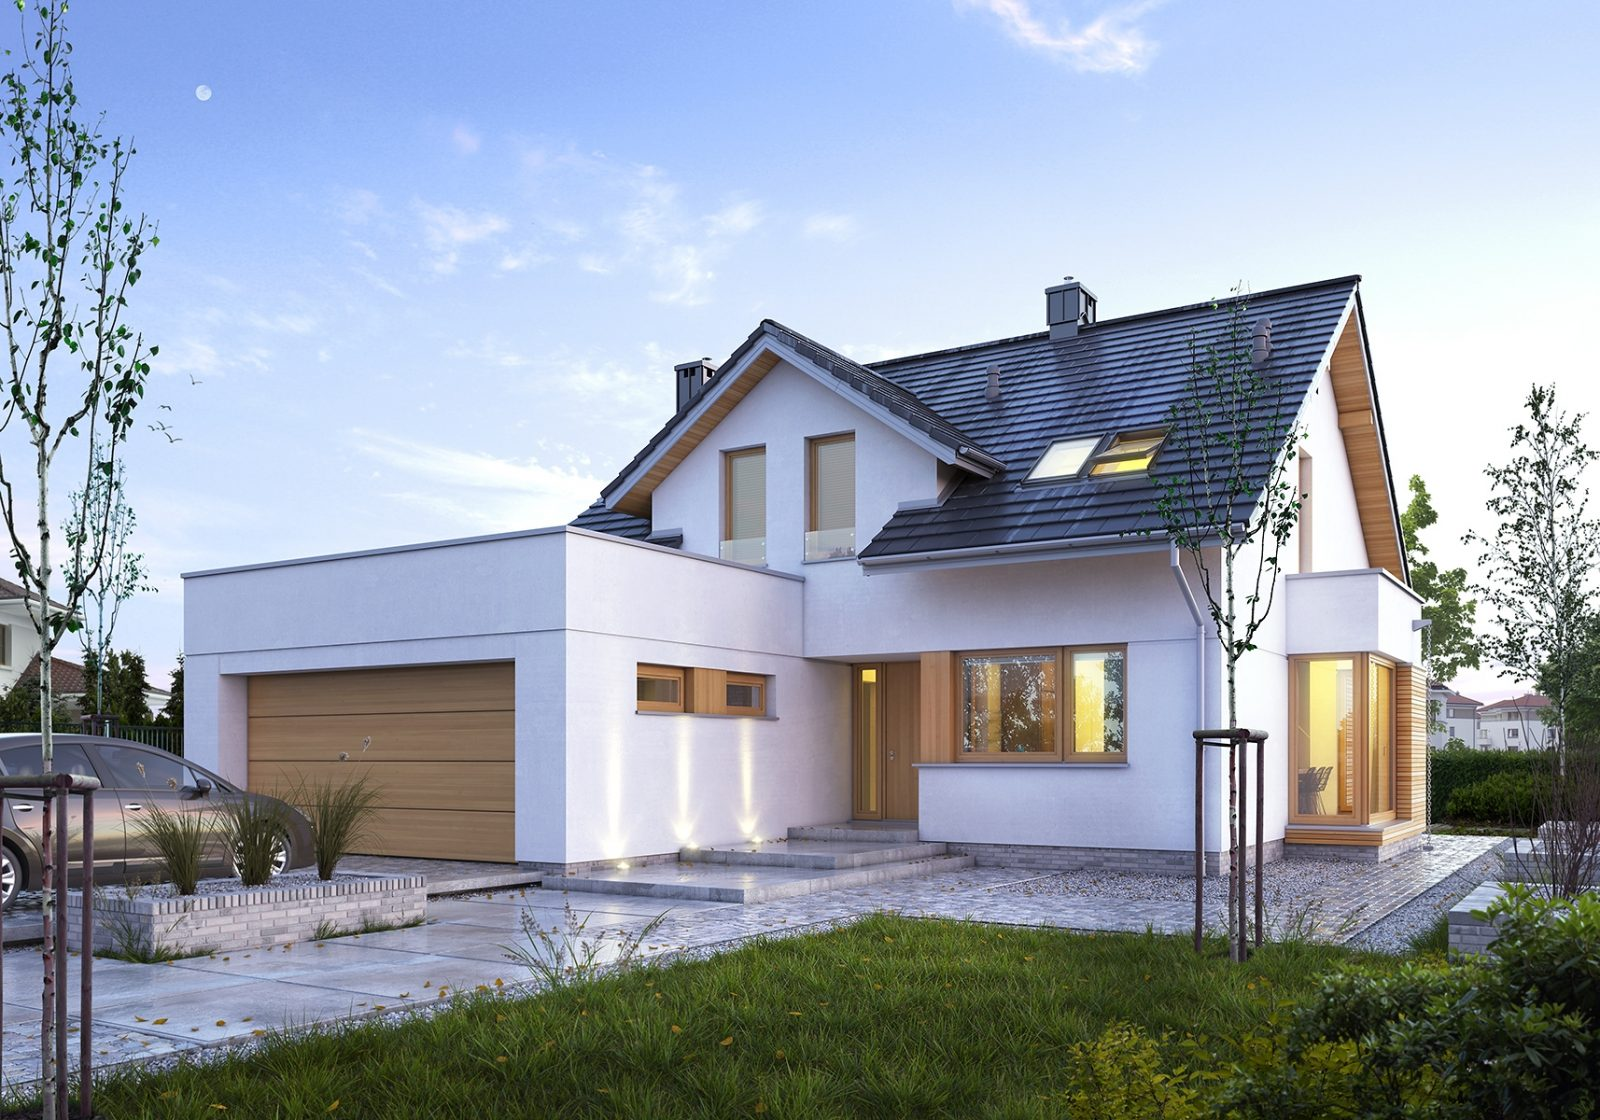 Проекты и планировка домов с гаражом и баней: чертежи с размерами